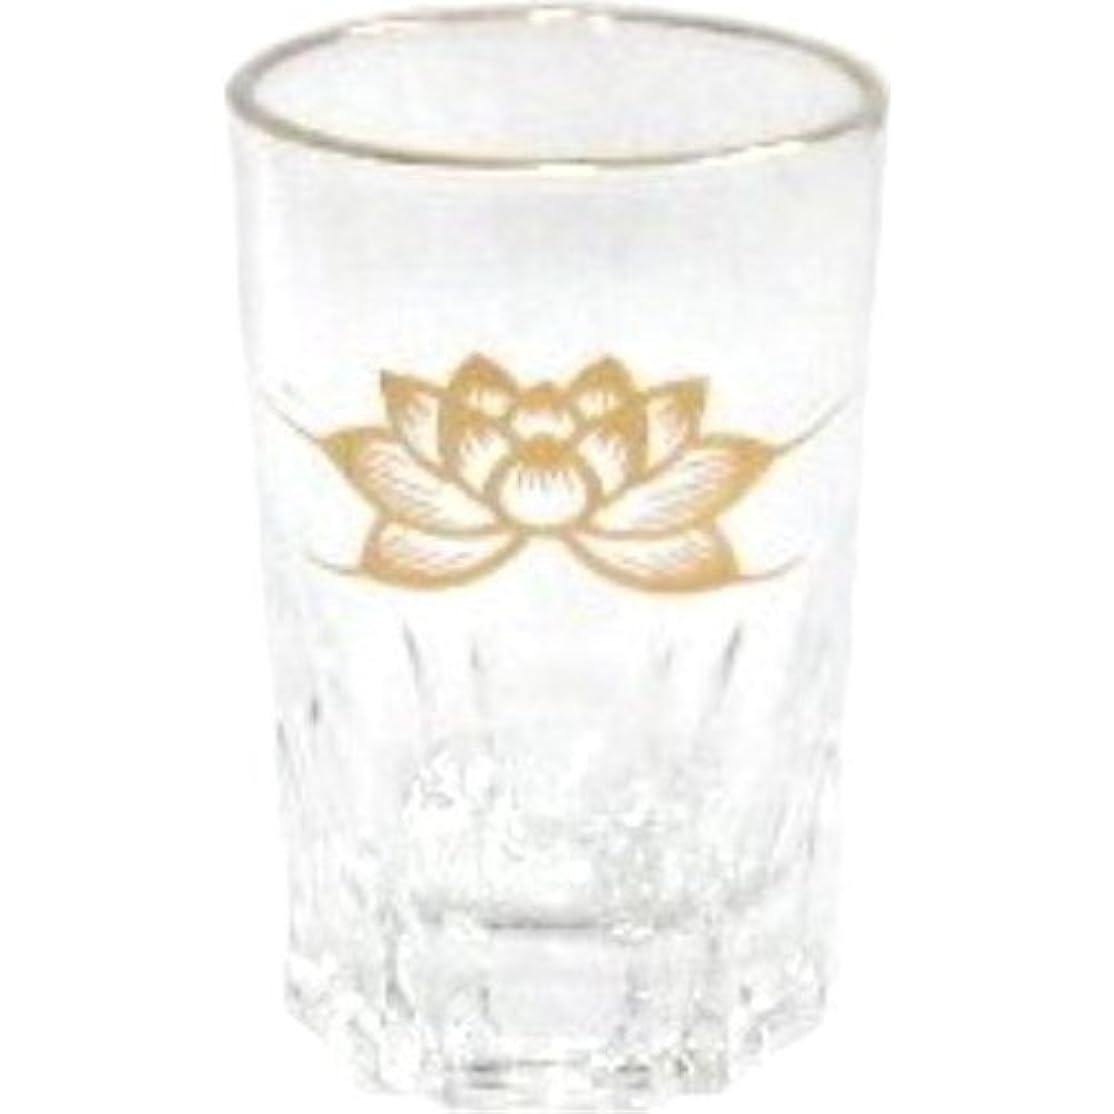 チームリアル国籍仏具用 ガラスコップ 金 ハス 中